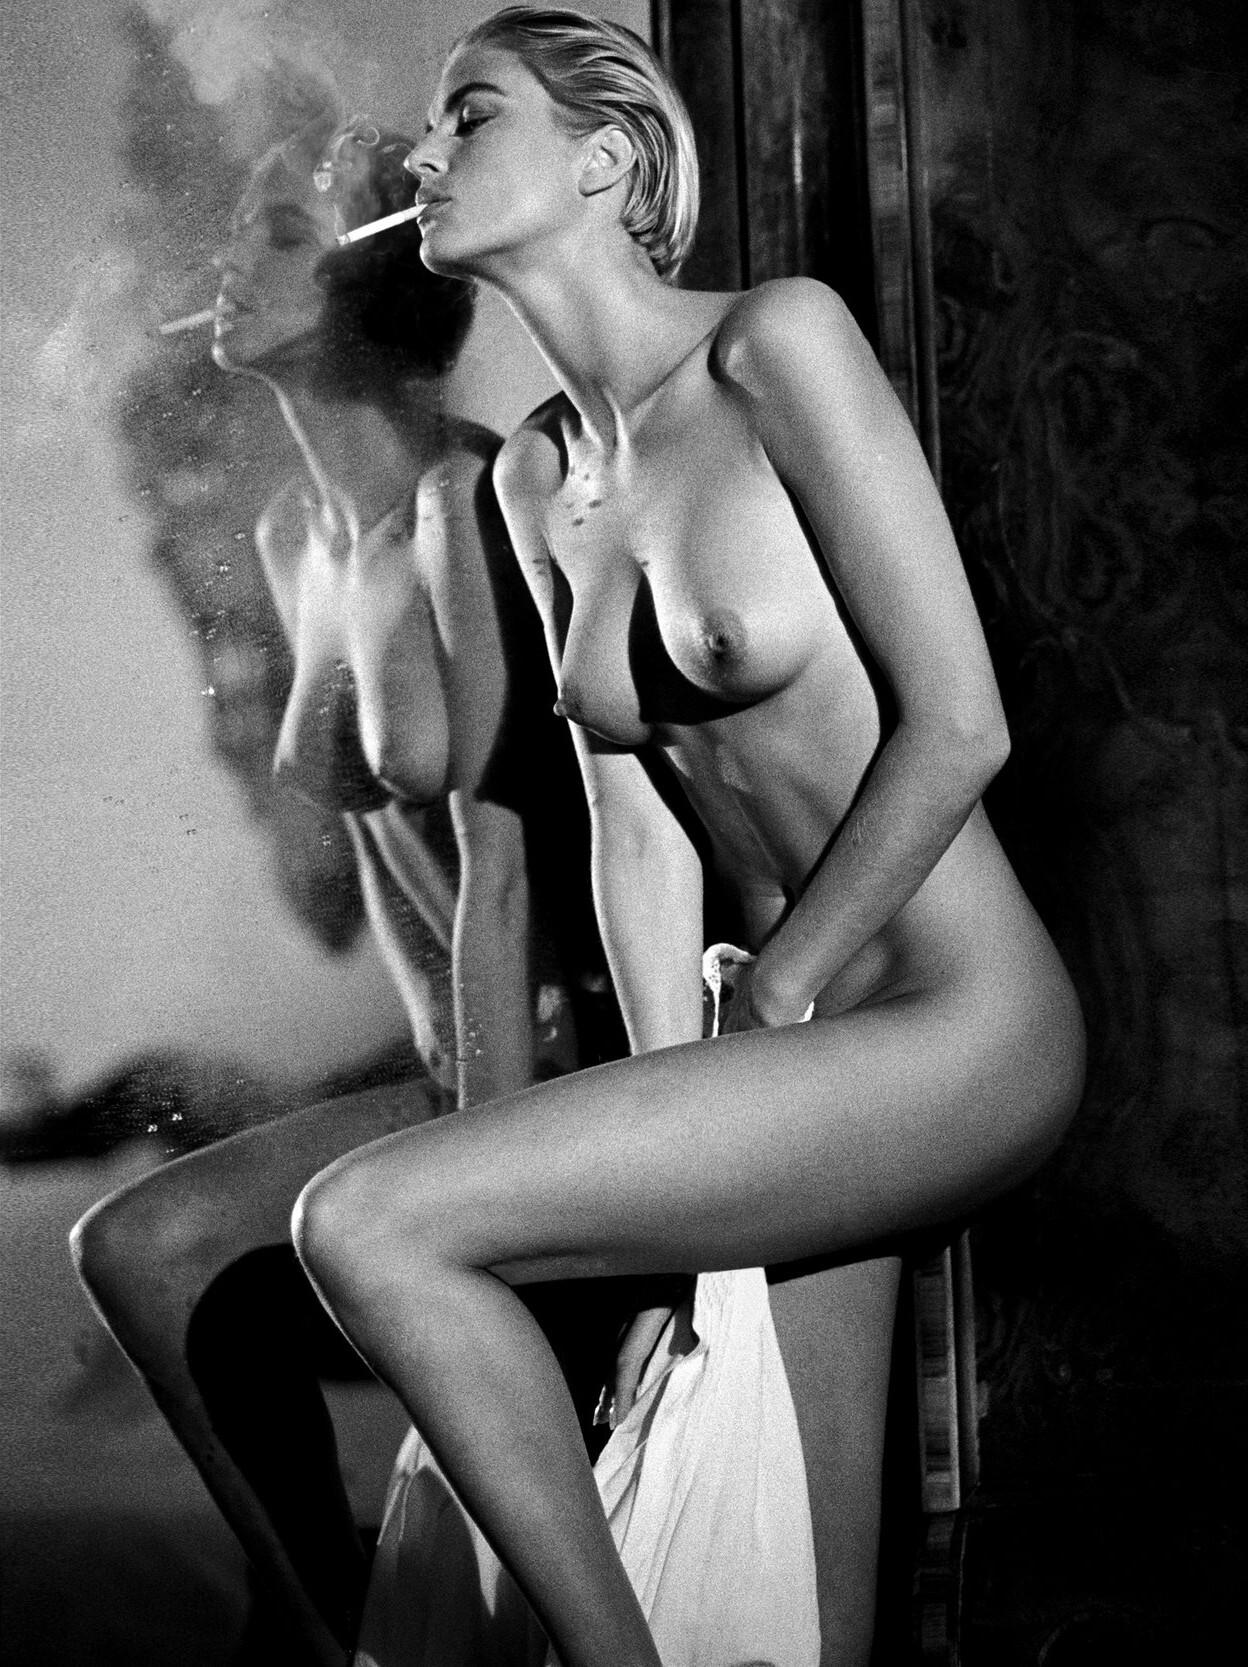 Сесилия, ок. 1988. Фотограф Марко Главиано